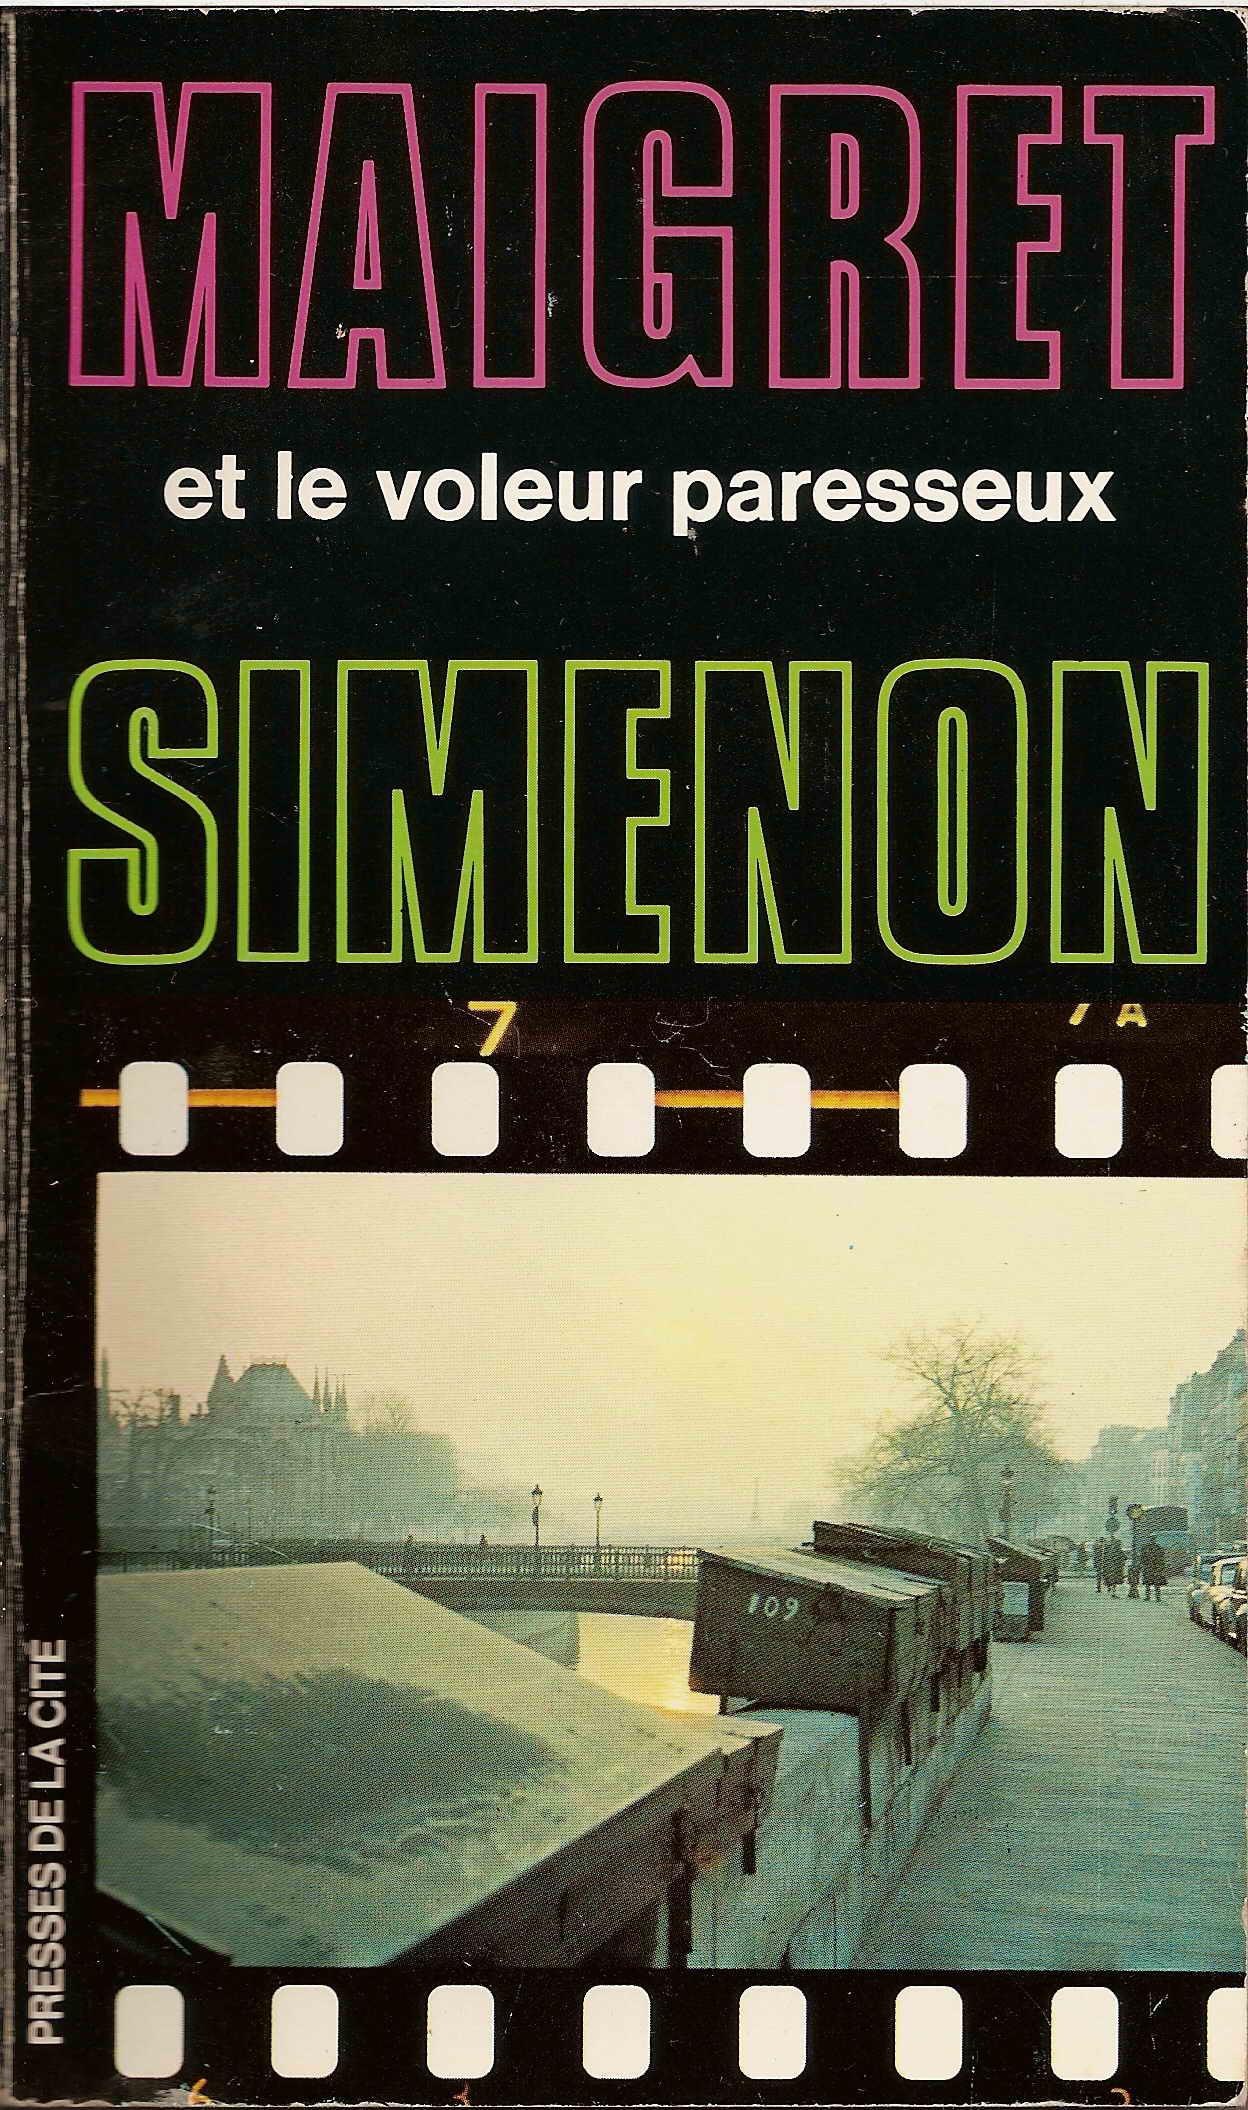 Maigret & voleur par...